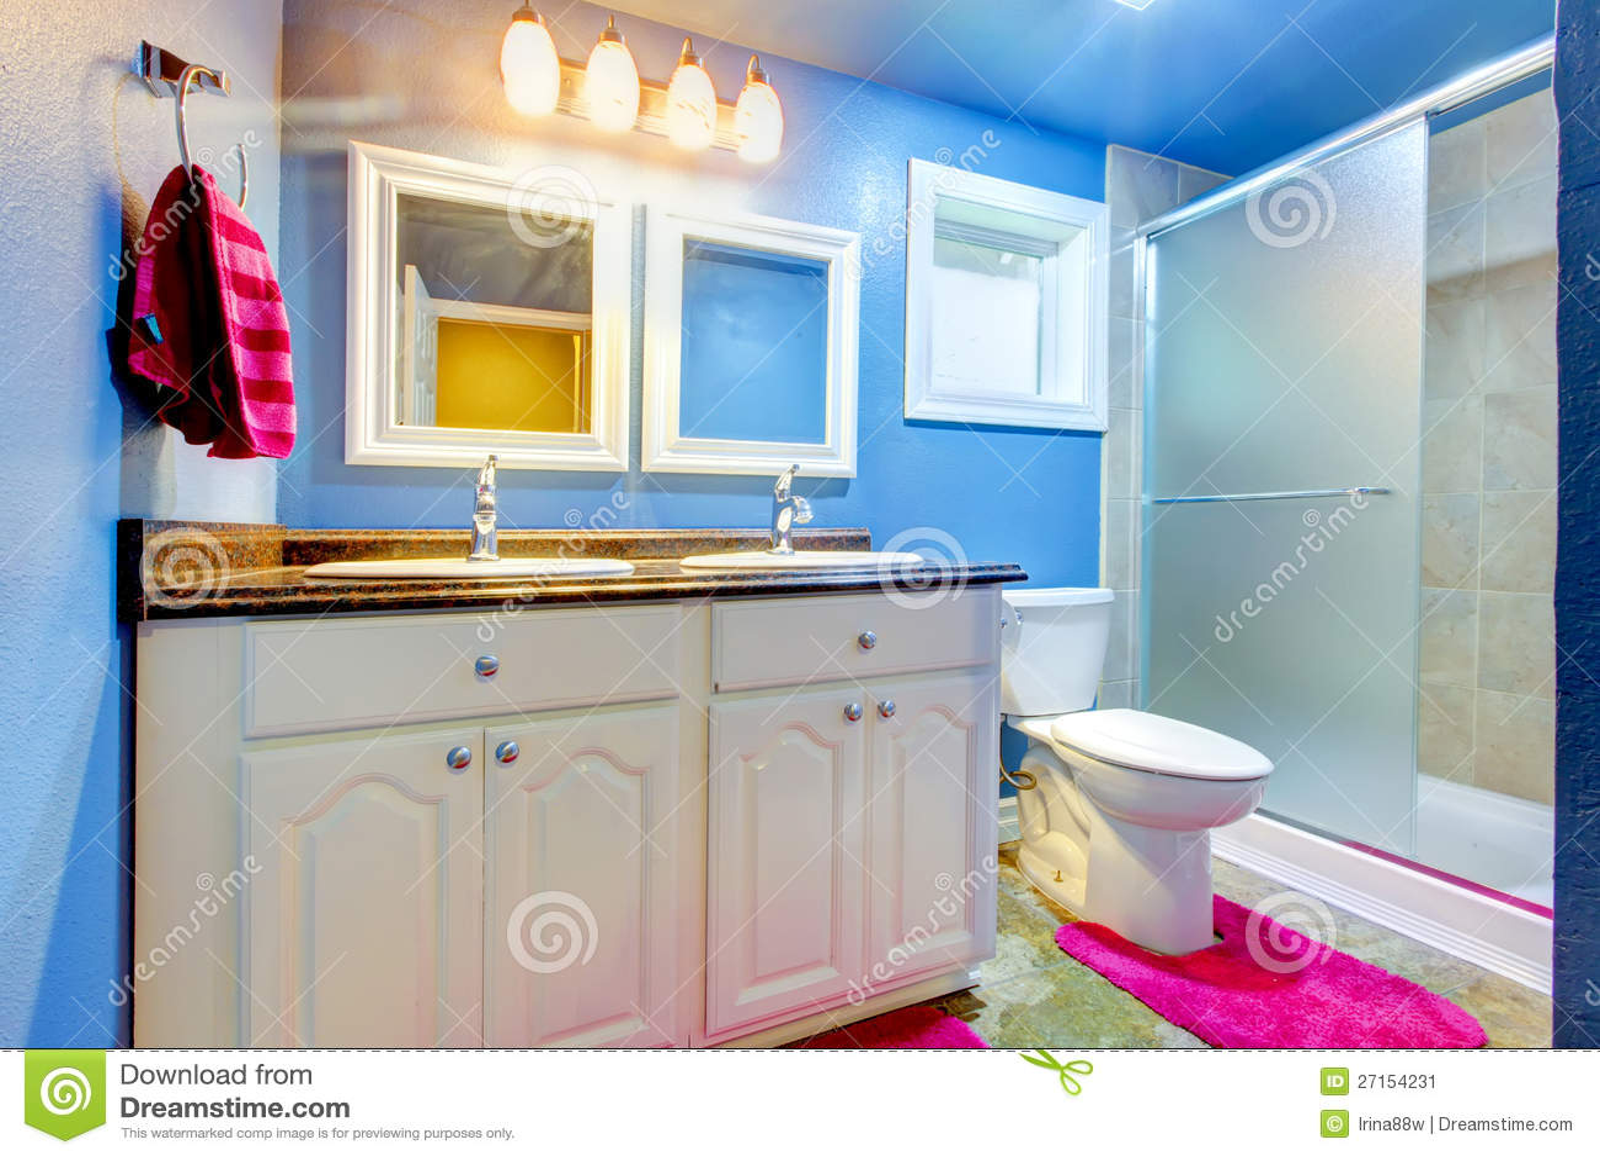 Stanza Da Bagno Dei Bambini Con Le Pareti Blu Ed Il Colore Rosa